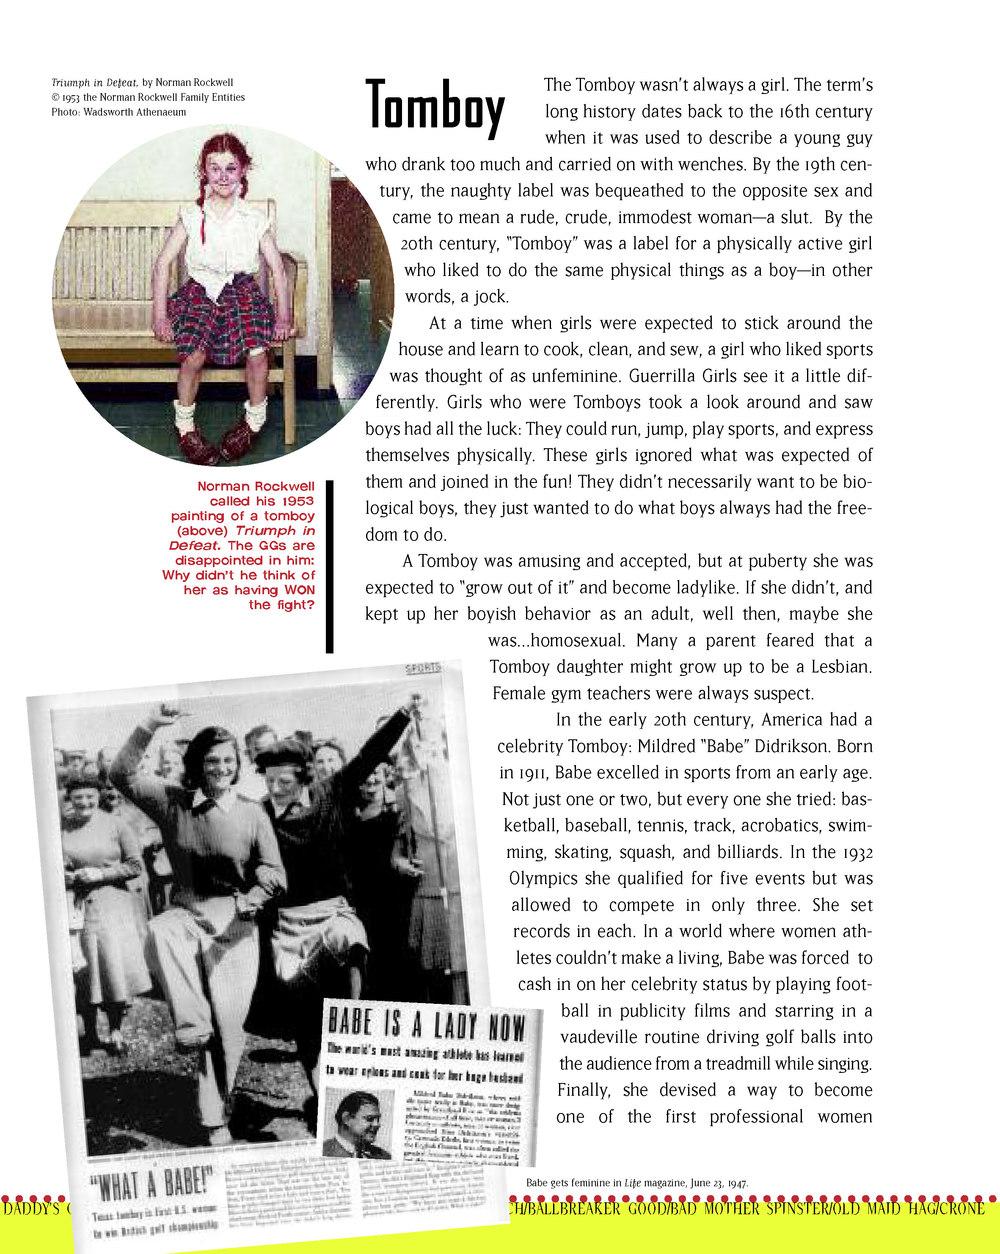 stereotypeexcerpt_Page_07.jpg